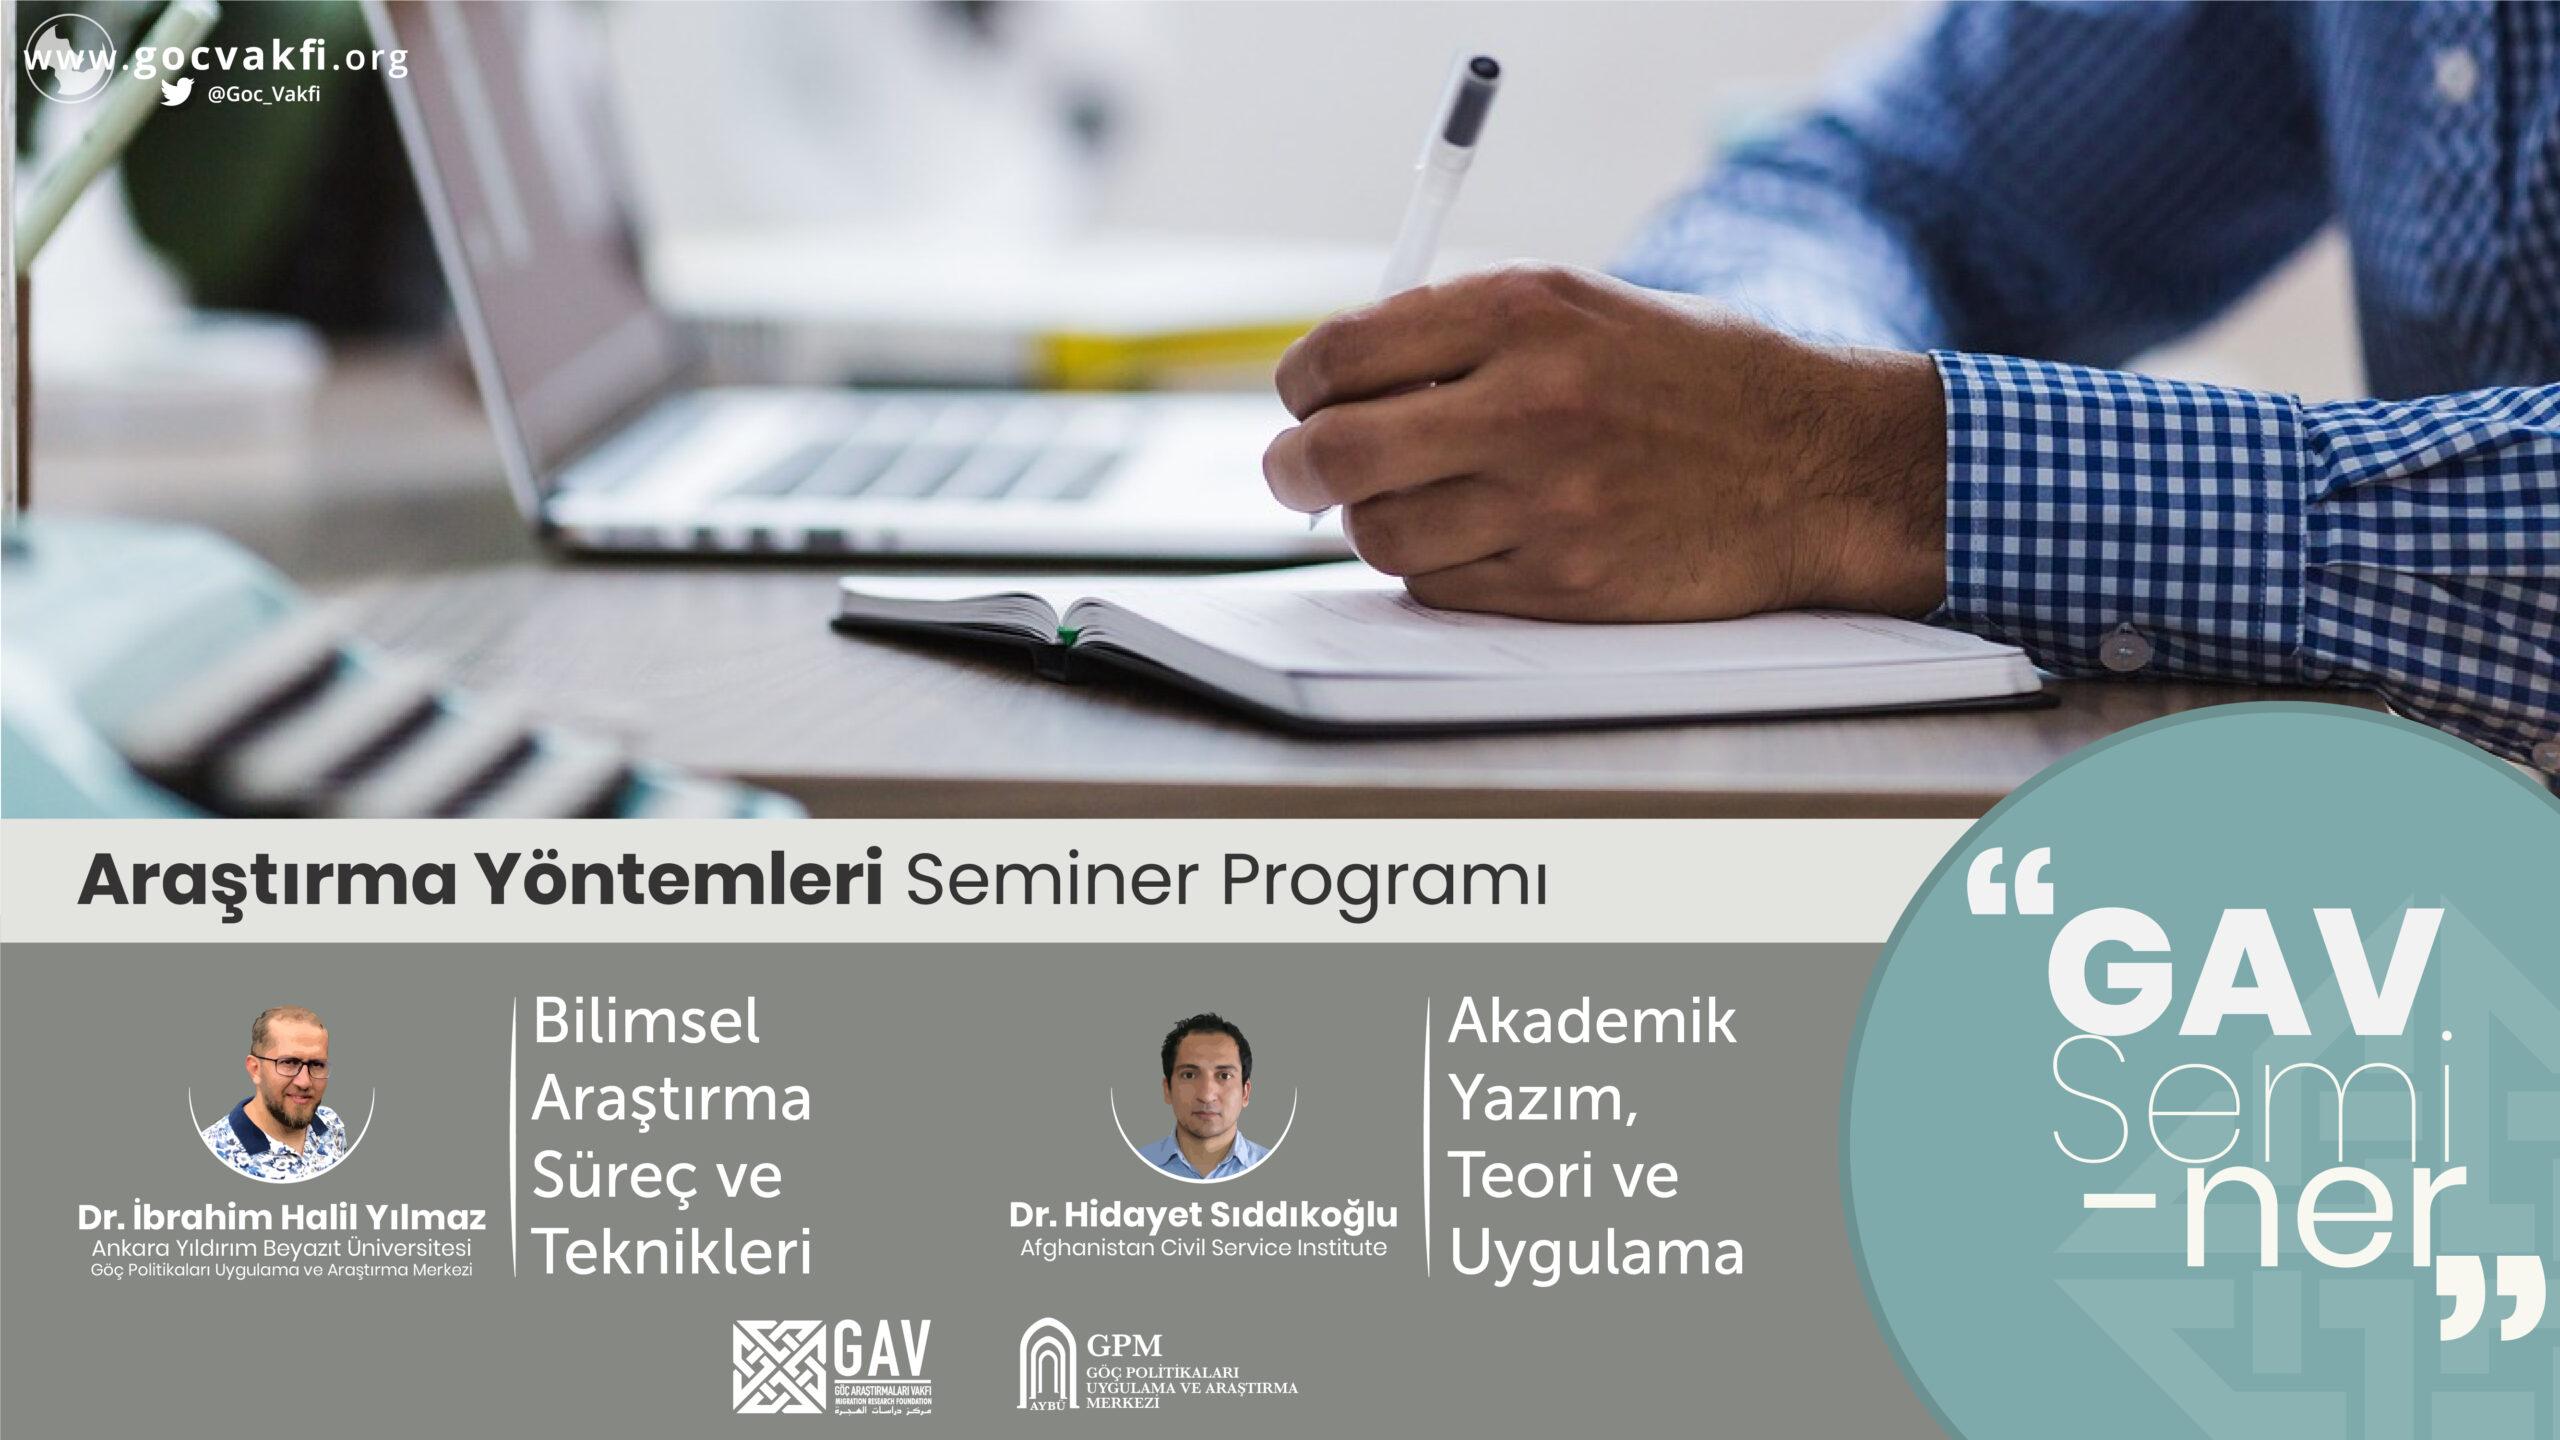 Araştırma Yöntemleri Seminer Programı